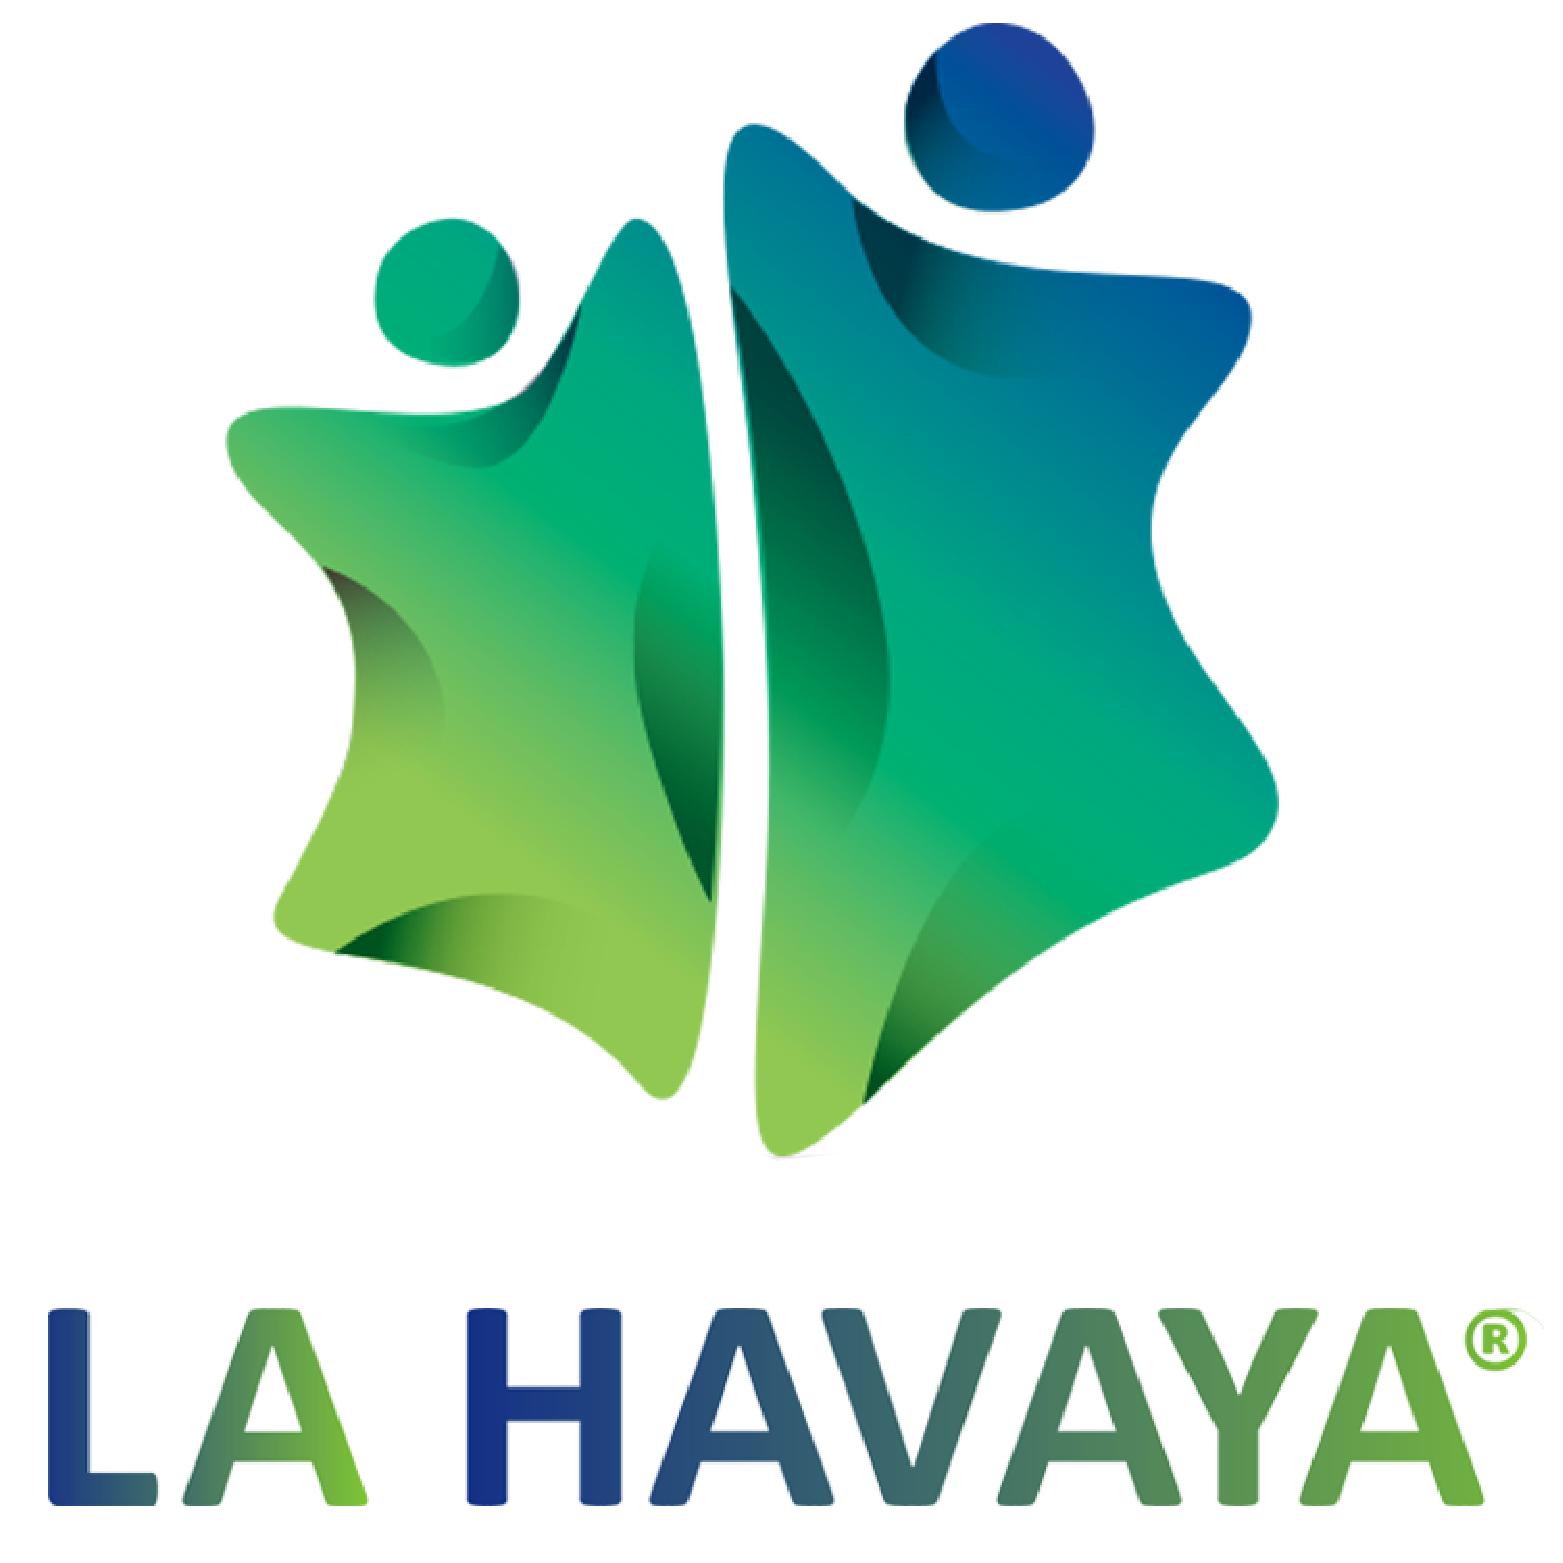 LA HAVAYA